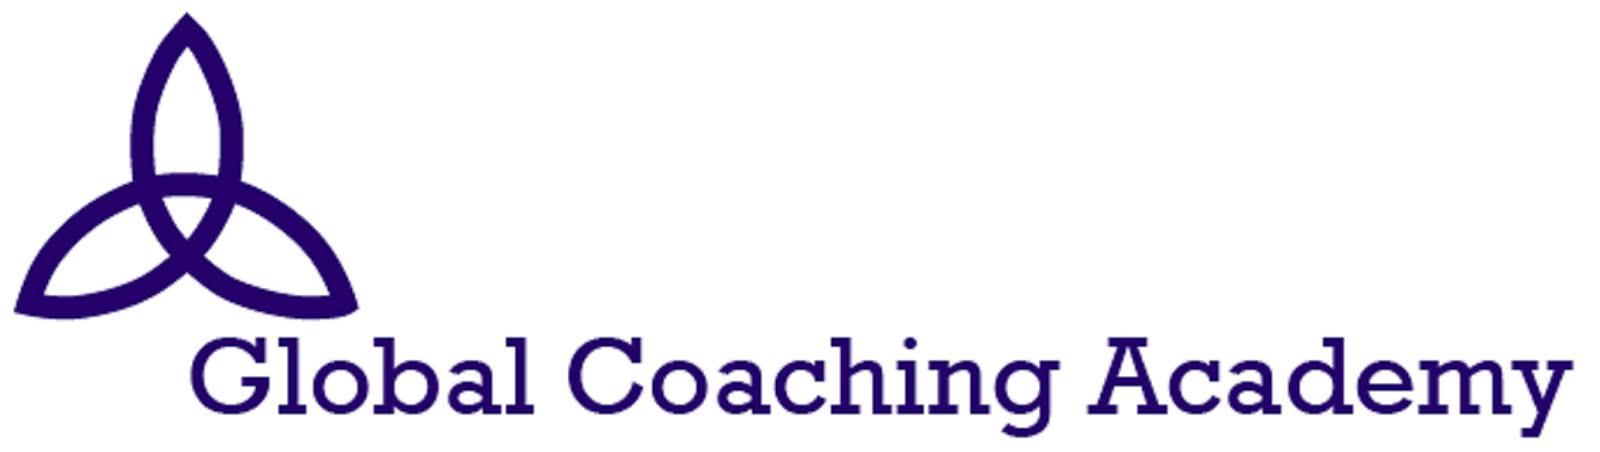 Global Coaching Academy